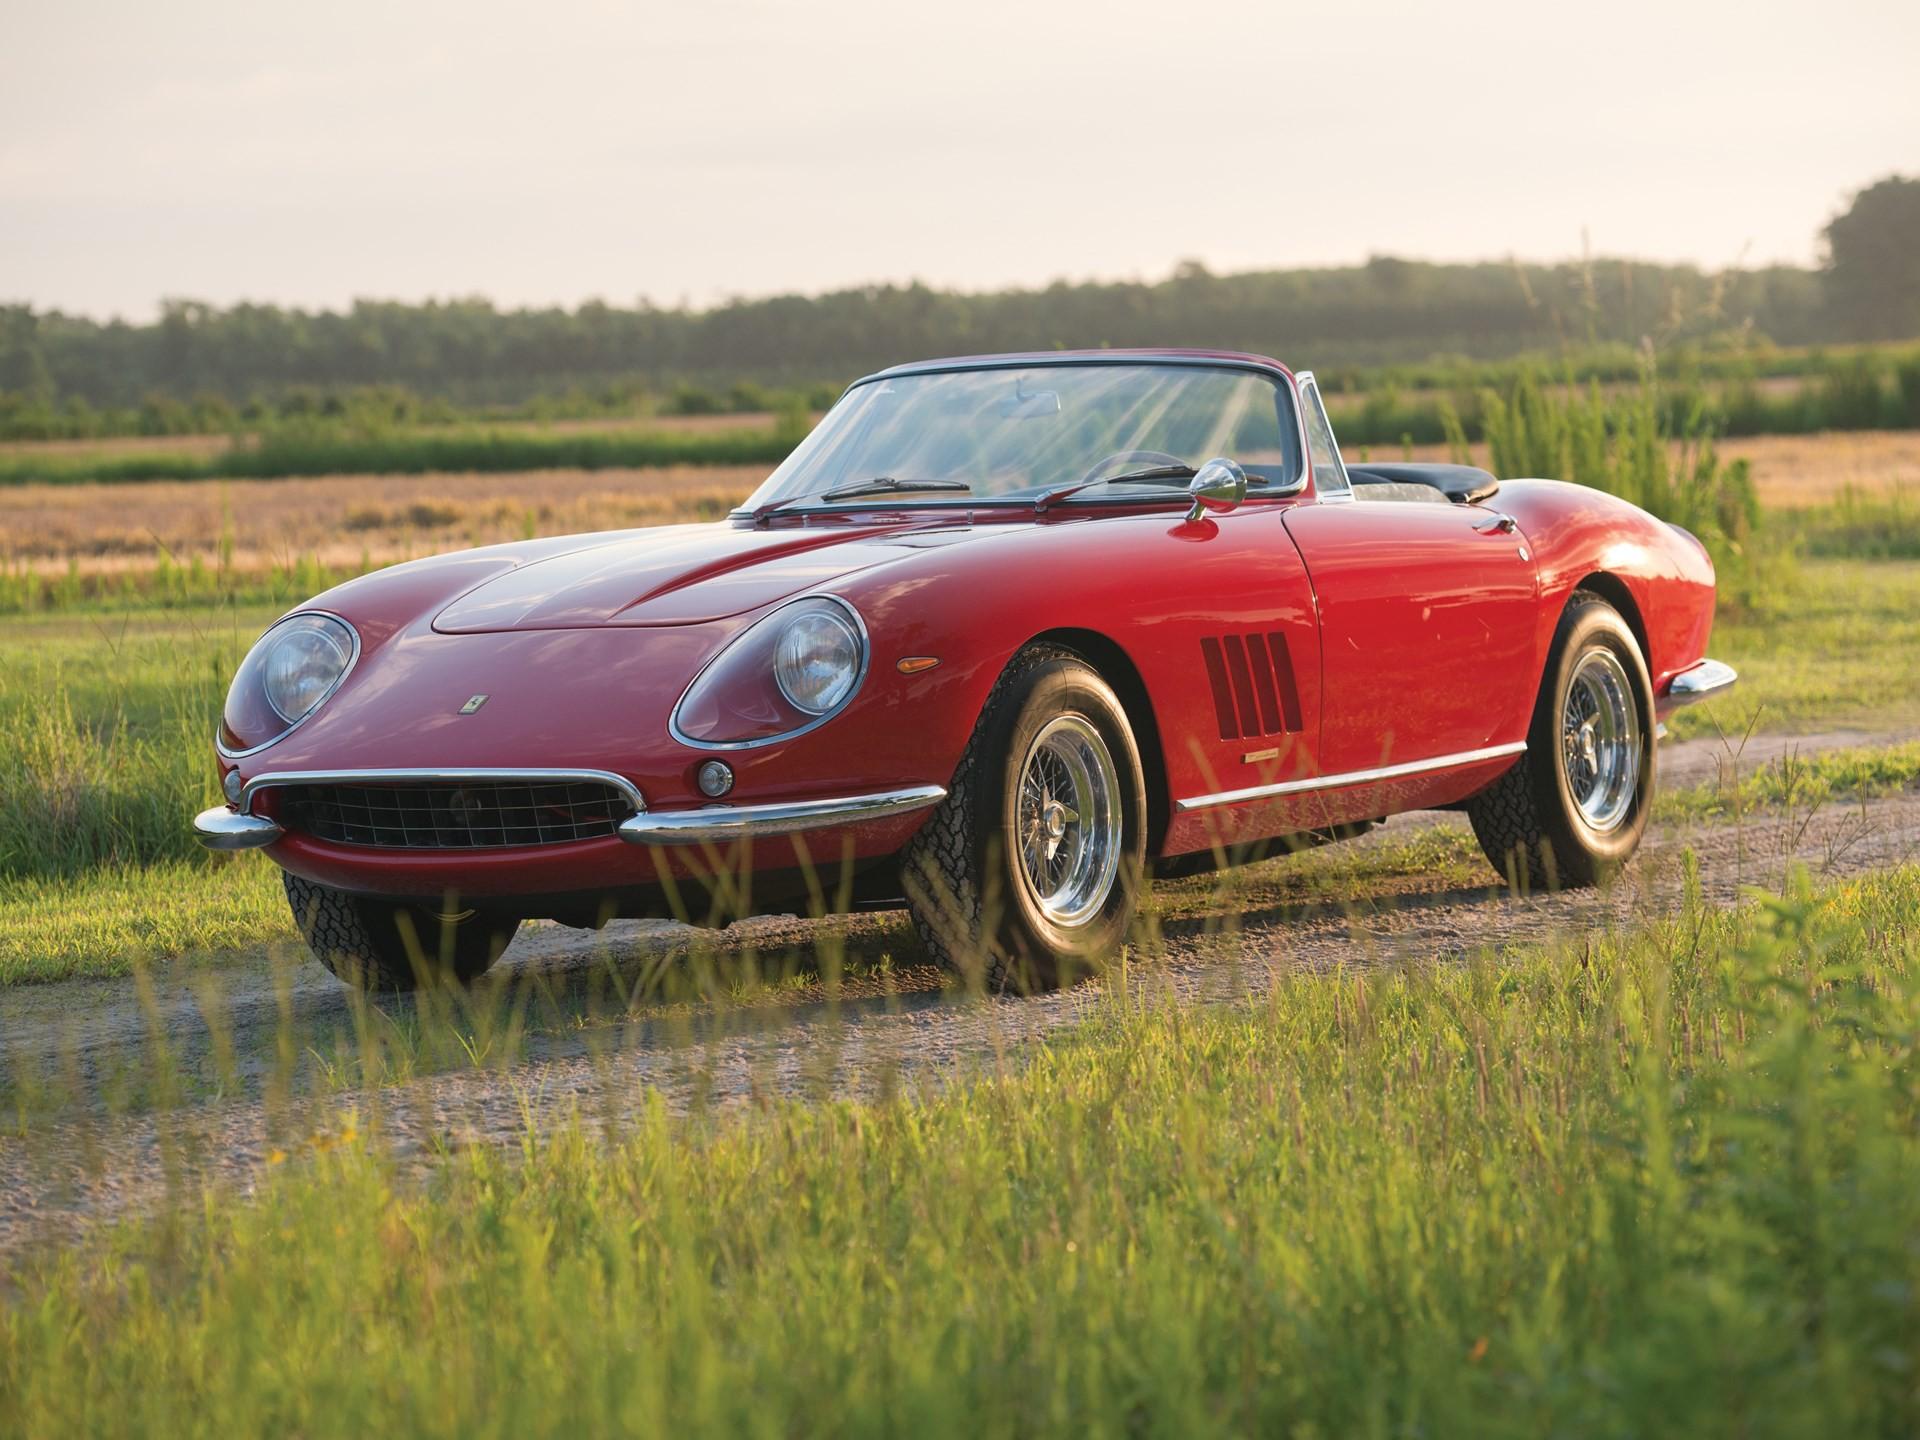 1967 Ferrari 275 GTB/4S NART Spider